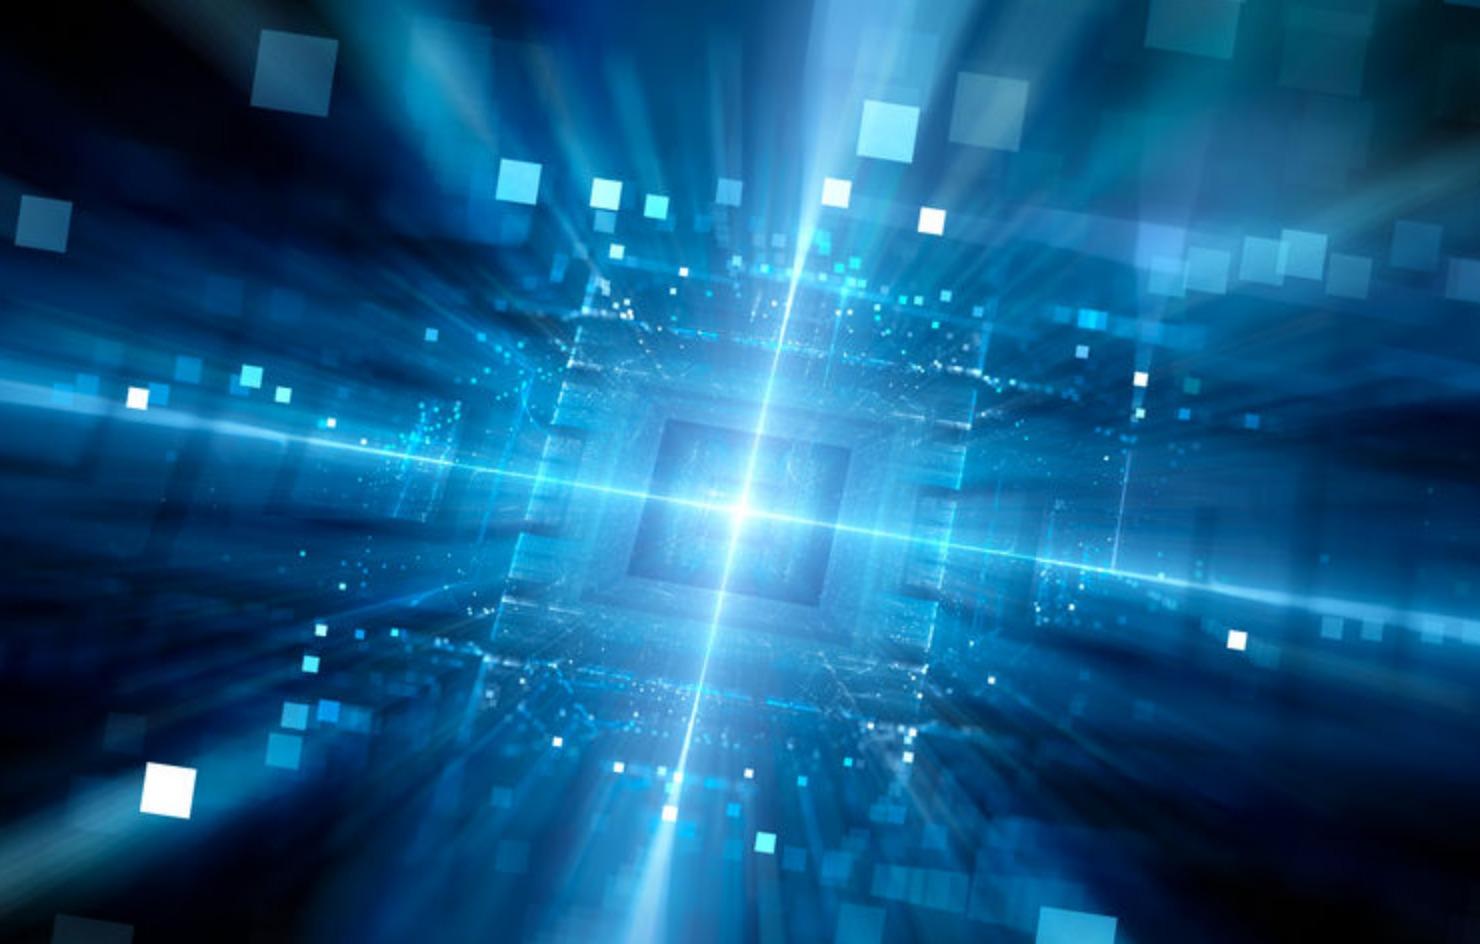 国际领先三维传感系统供应商驭光科技获亿元投资